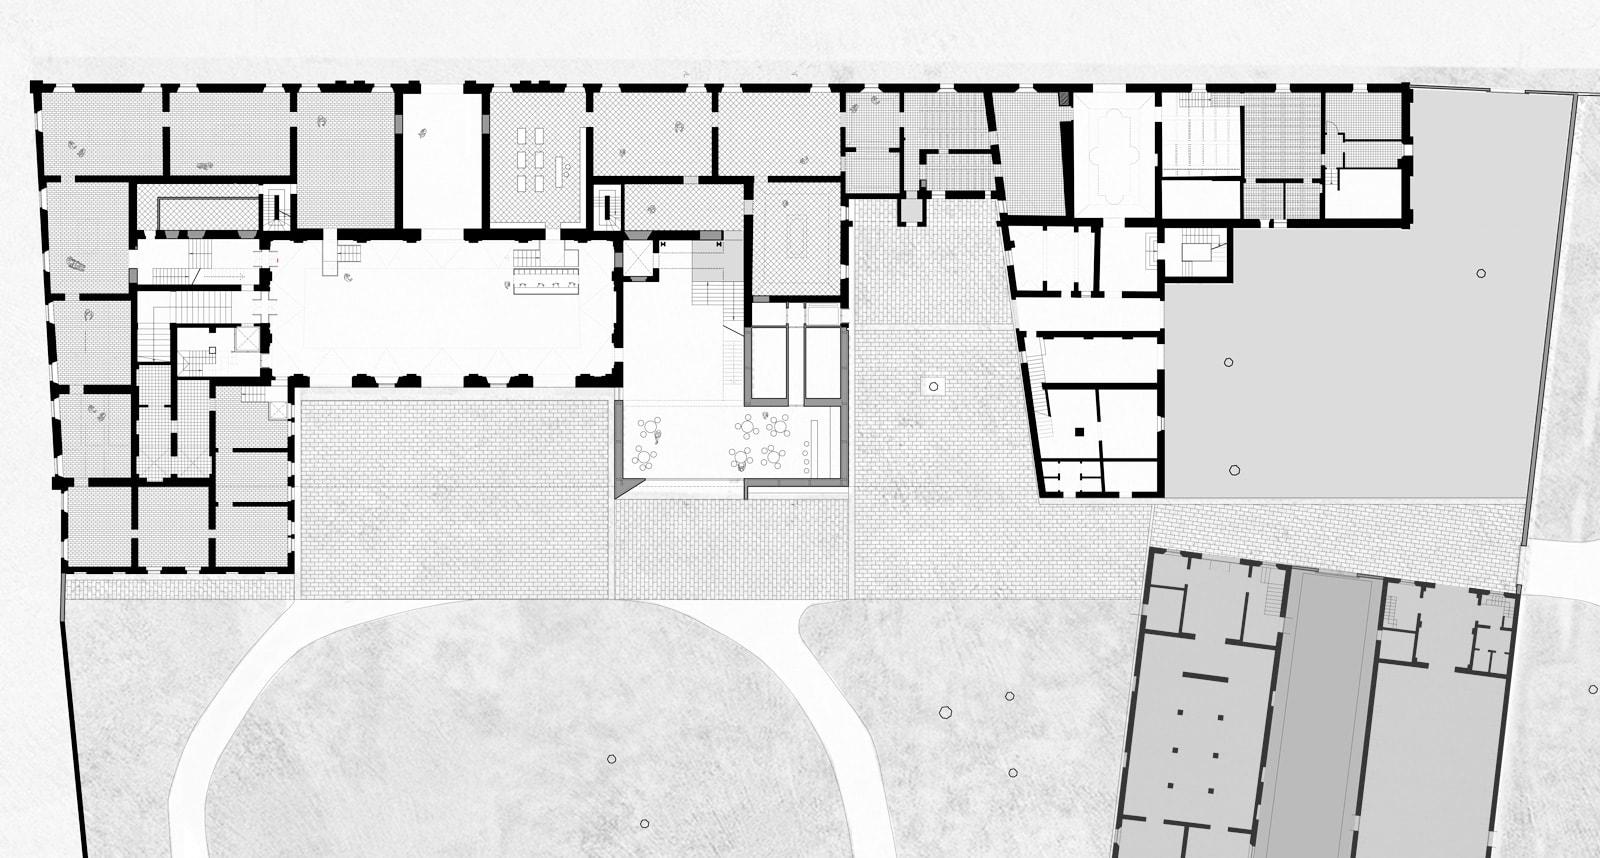 palazzo-massari-ground-floor